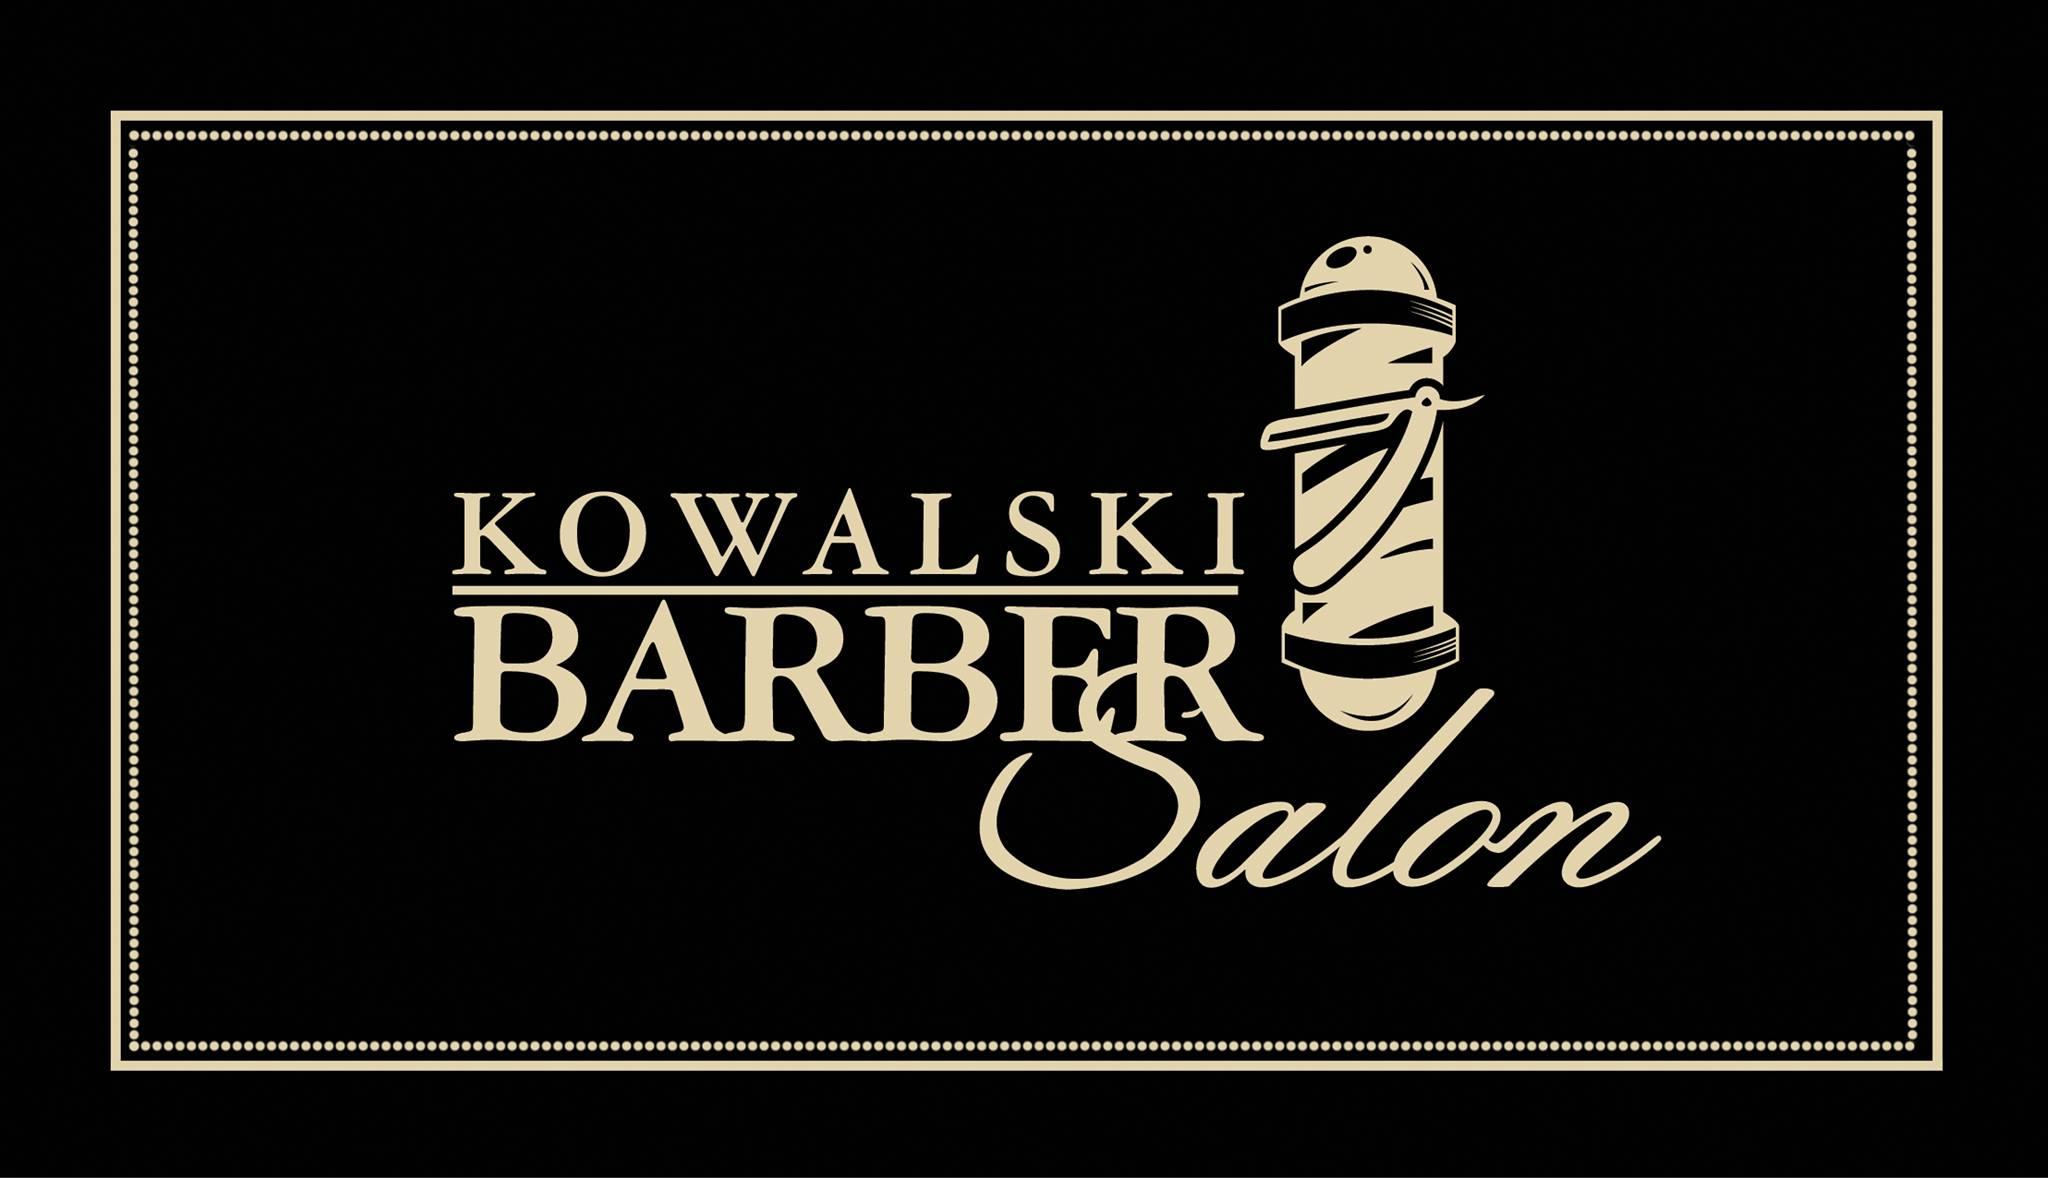 poszukuje: Fryzjera/Fryzjerkę Męską/Damską /Barber